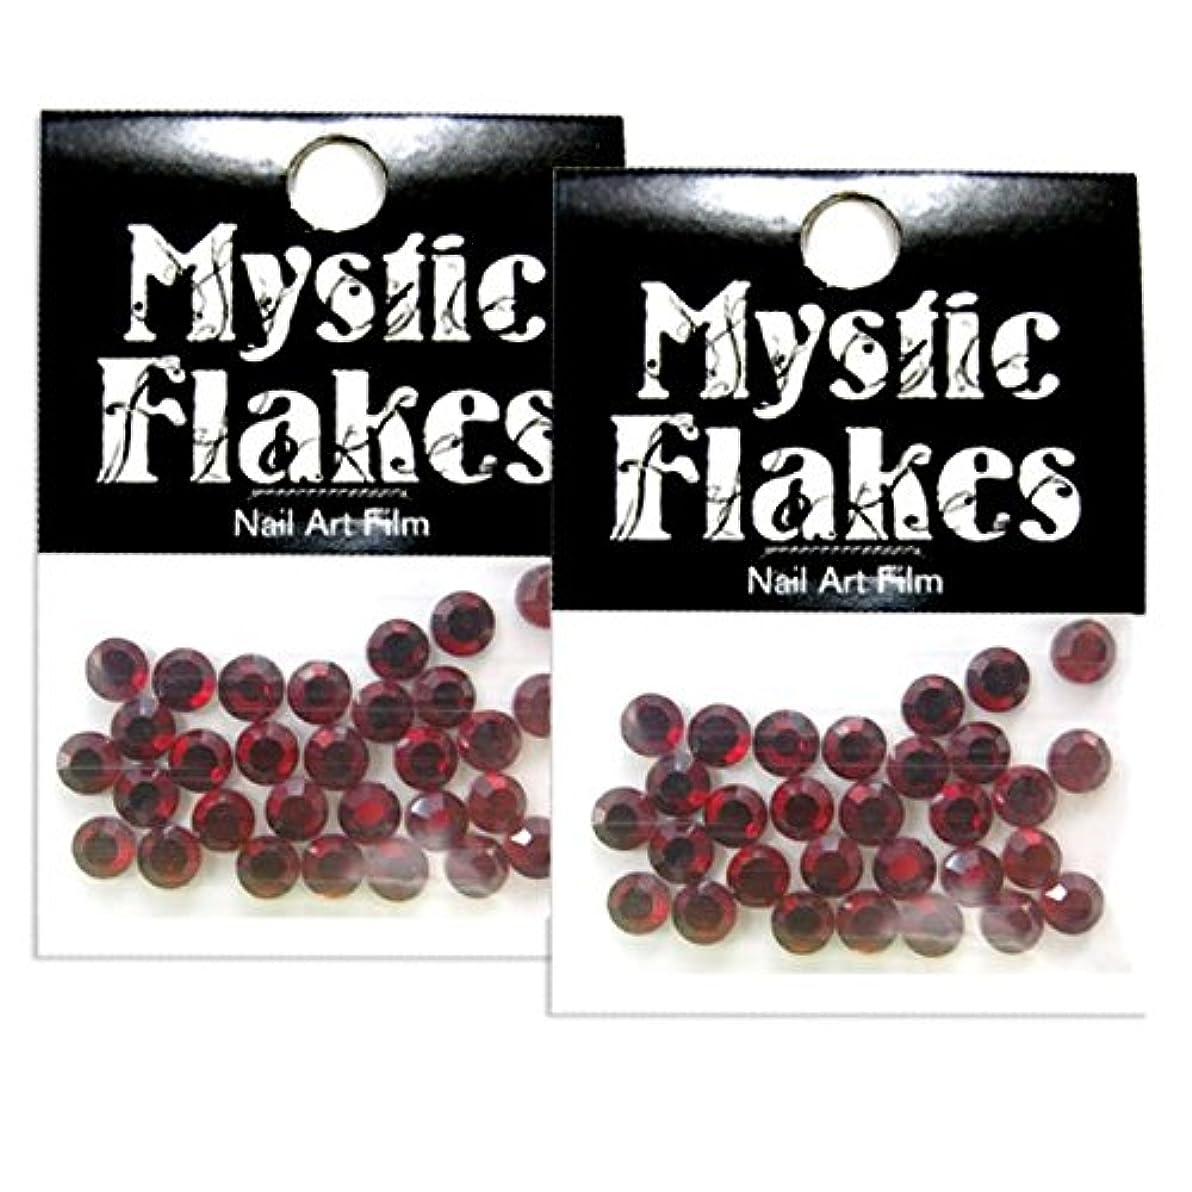 ビタミン告白するふさわしいミスティックフレース ネイル用ストーン ラインストーン ダークレッド 5mm /30P 2個セット